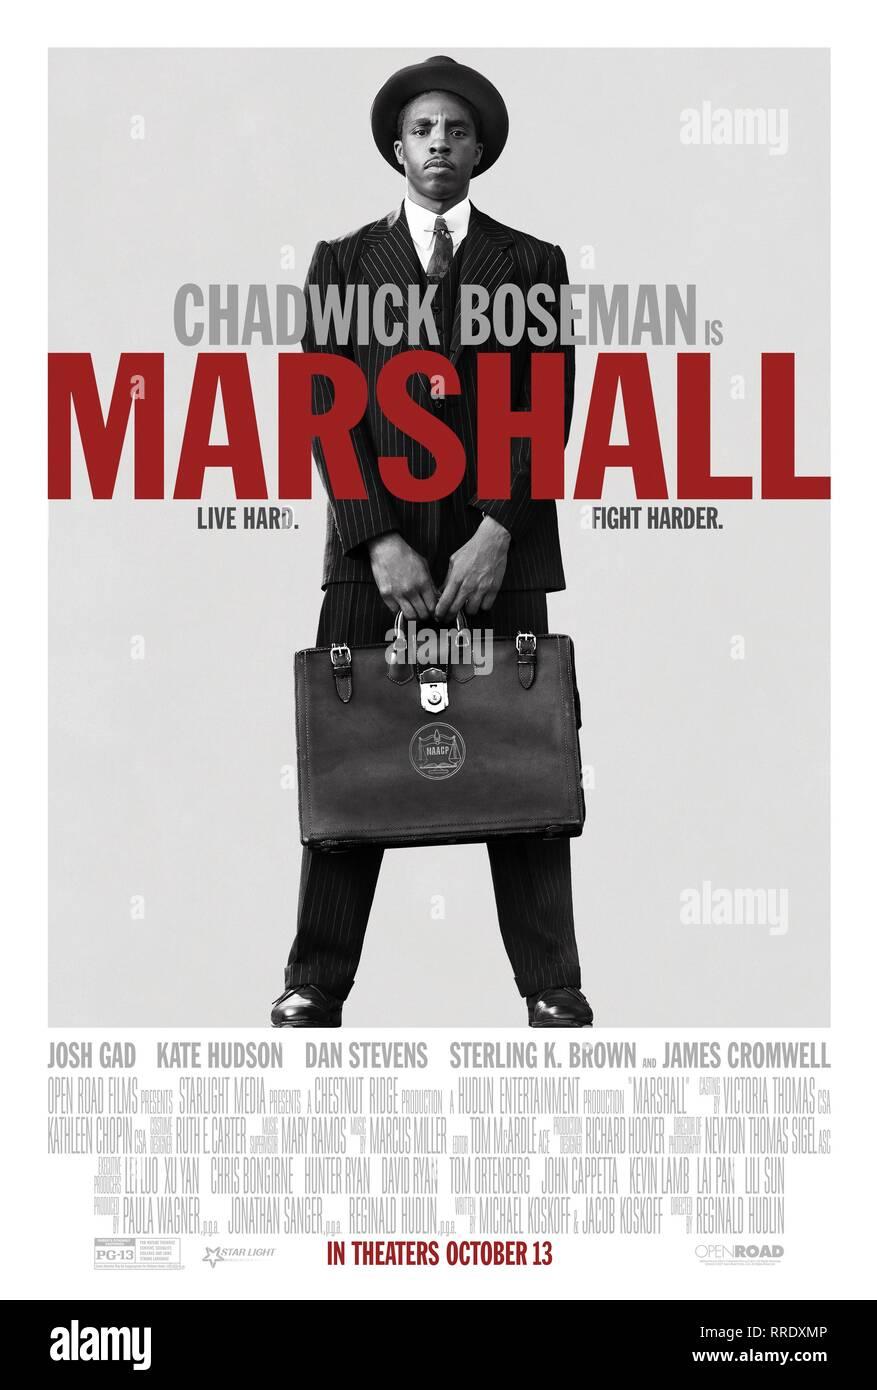 MARSHALL, CHADWICK BOSEMAN POSTER, 2017 Stock Photo